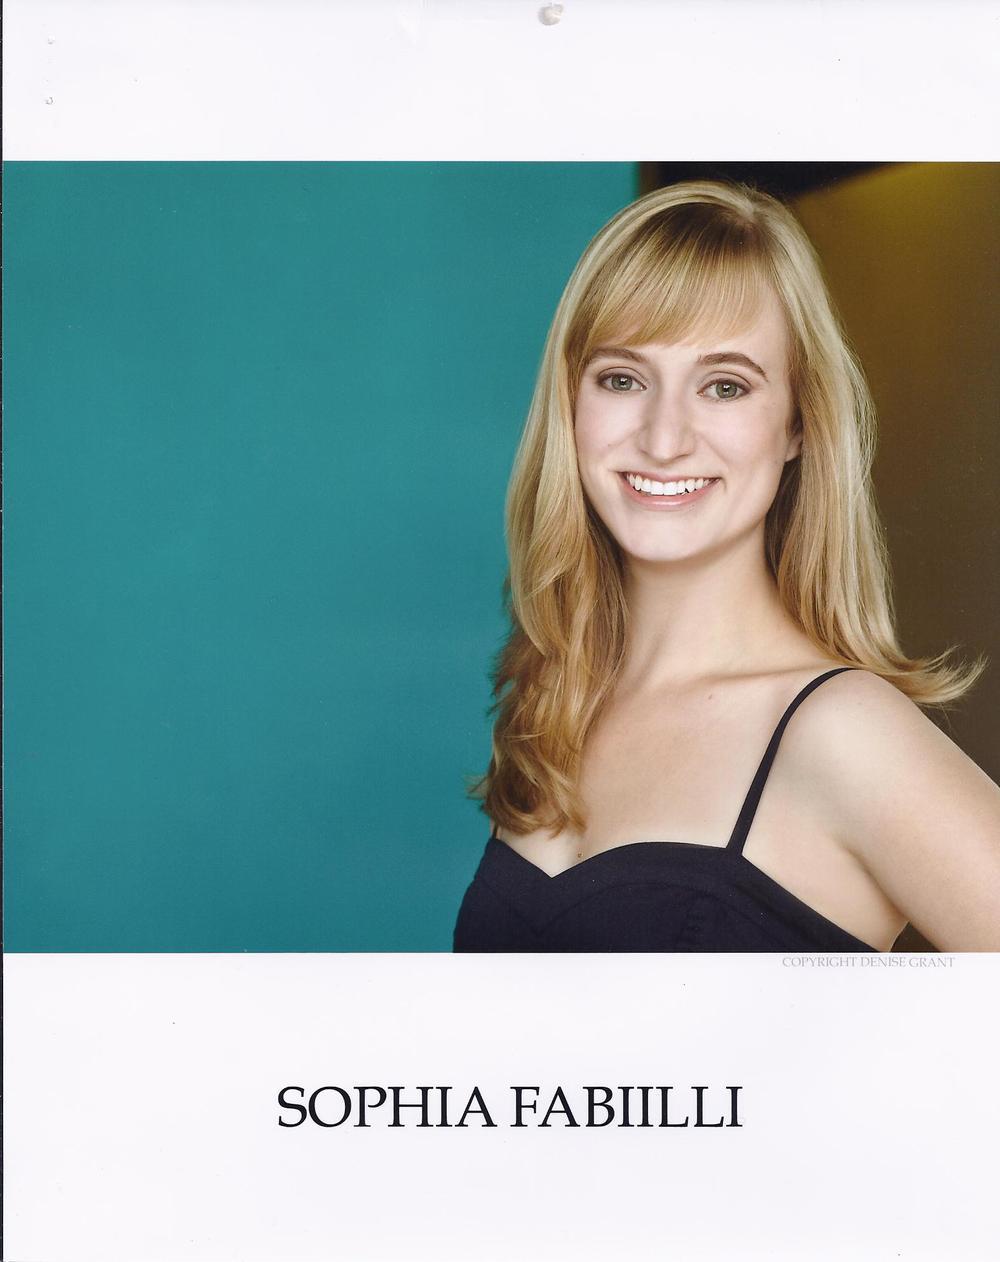 Sofia Farilli